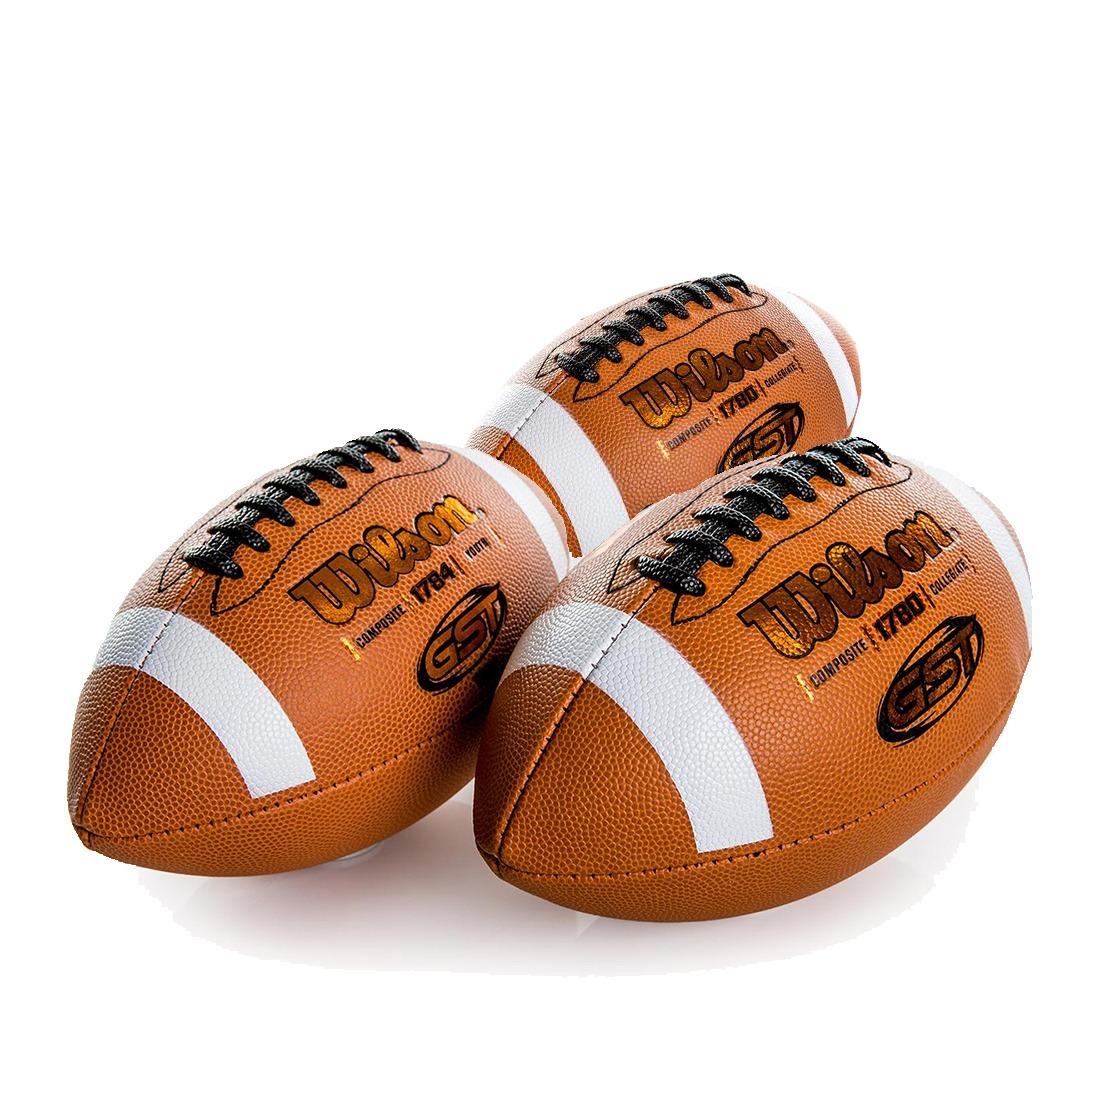 3 bolas futebol americano gst composite oficial nfl - wilson. Carregando  zoom. d0b9311ce40a3